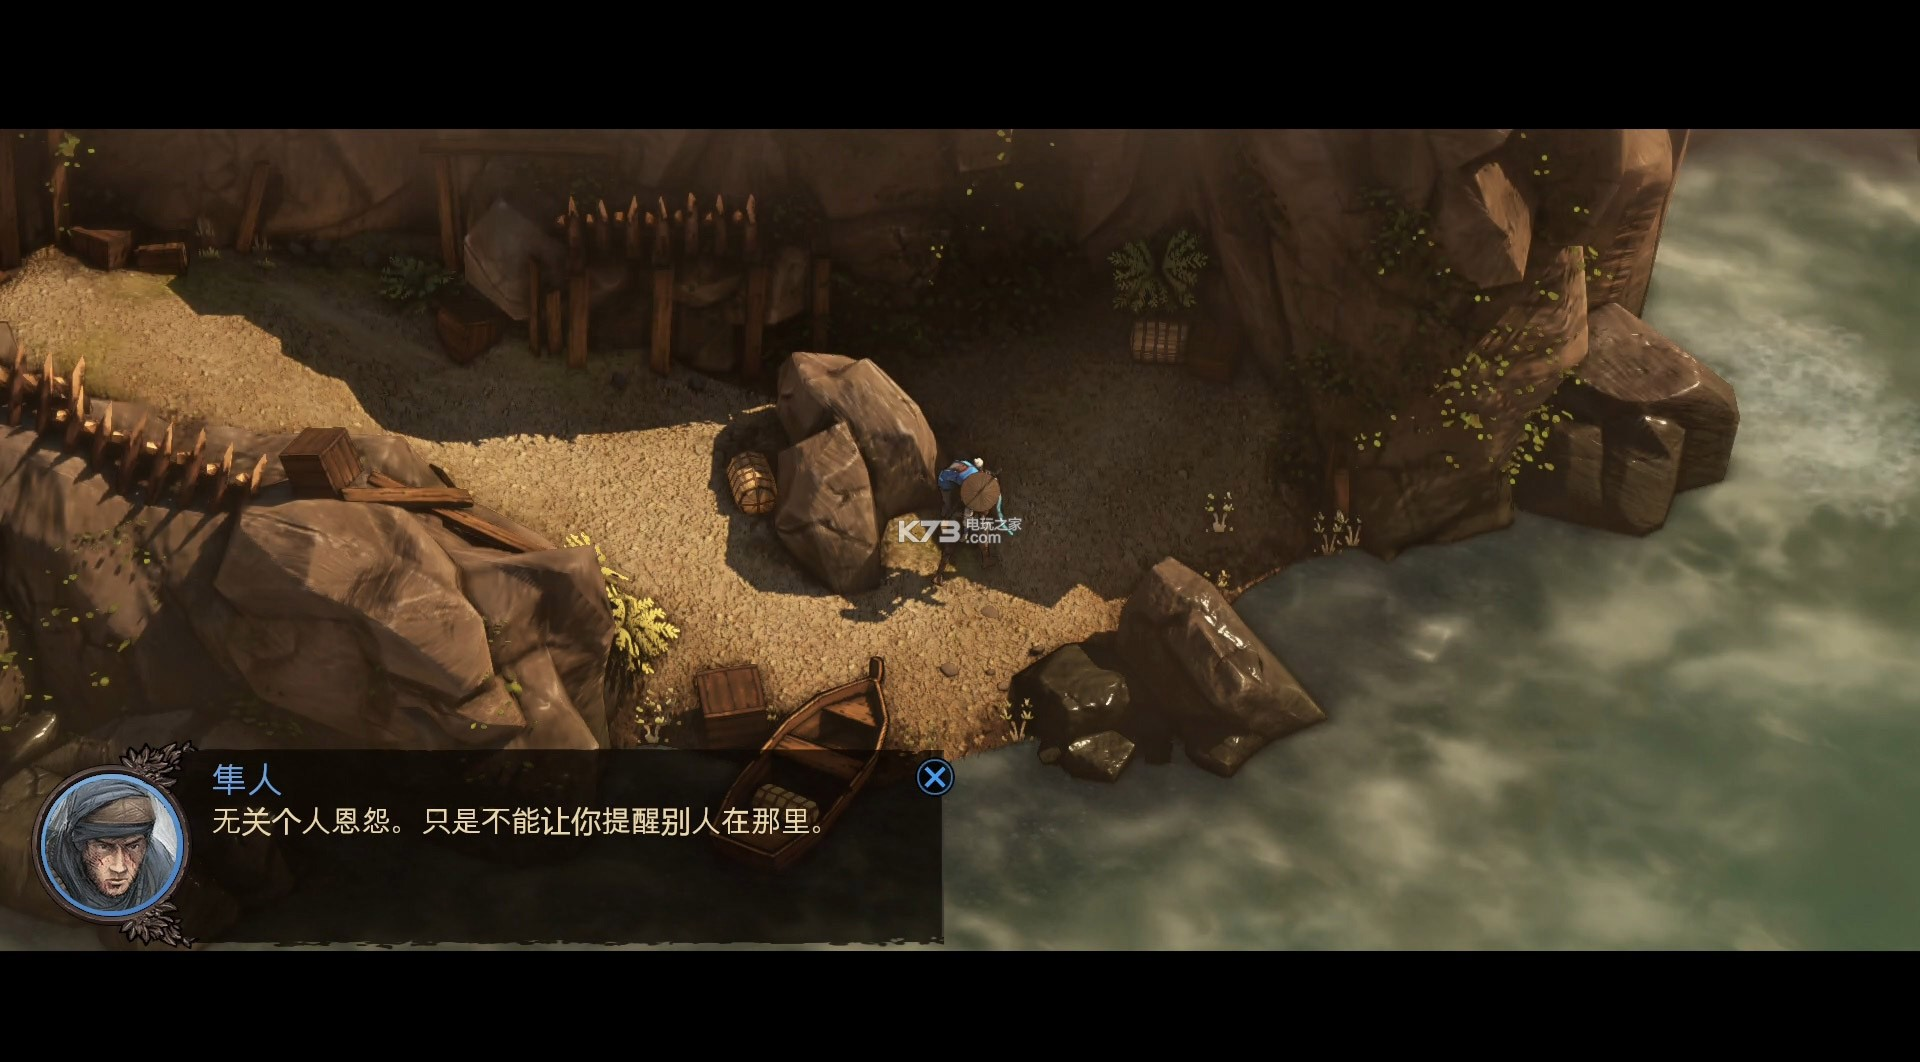 RTT游戏《影子战术将军之刃》PS4中文版8月1日发售